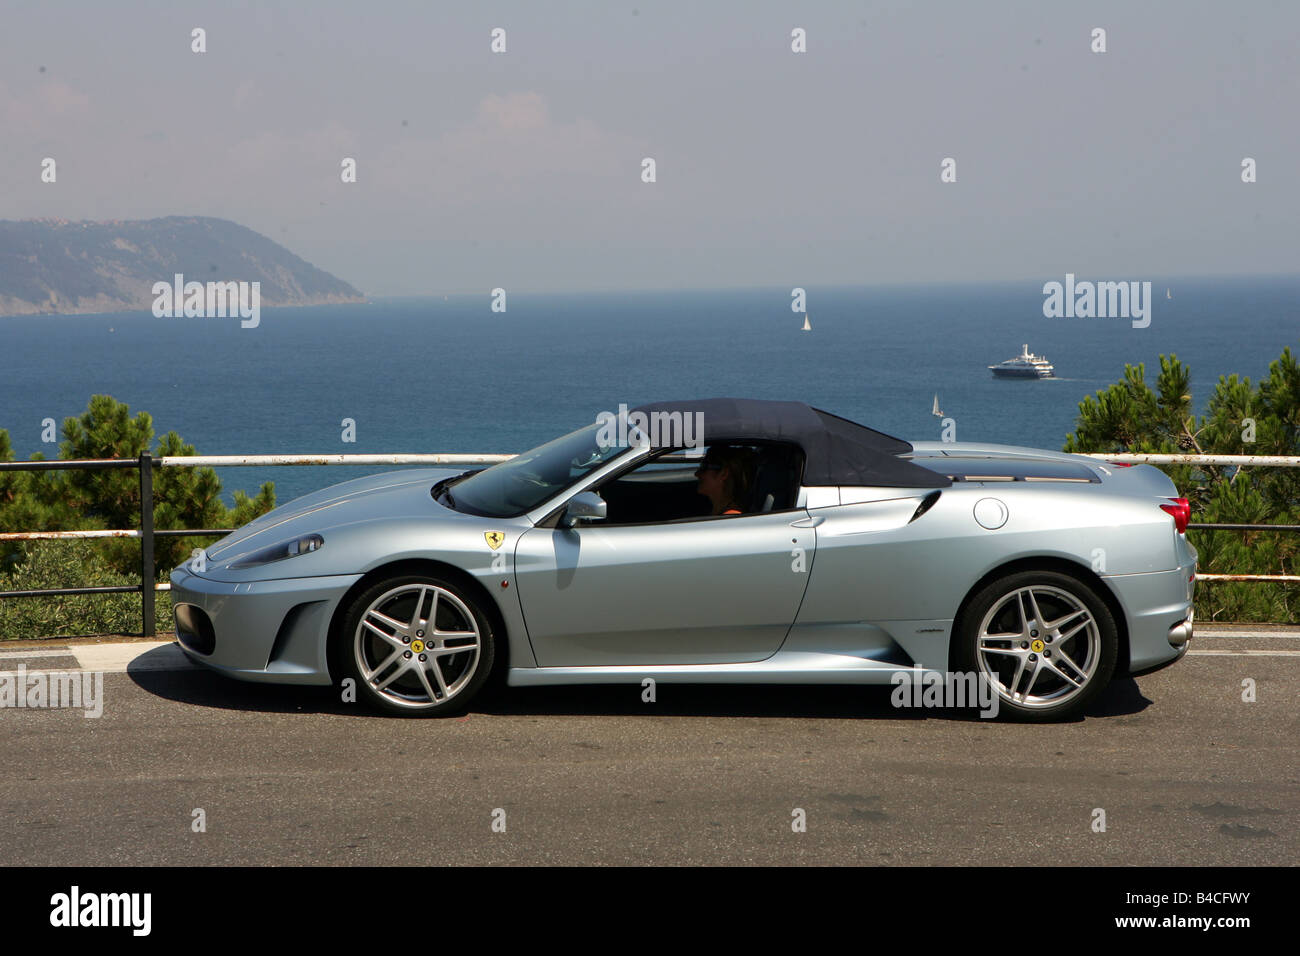 Ferrari f430 spider f1 stock photos ferrari f430 spider f1 stock car ferrari f430 spider f1 model year 2005 silver convertible vanachro Images